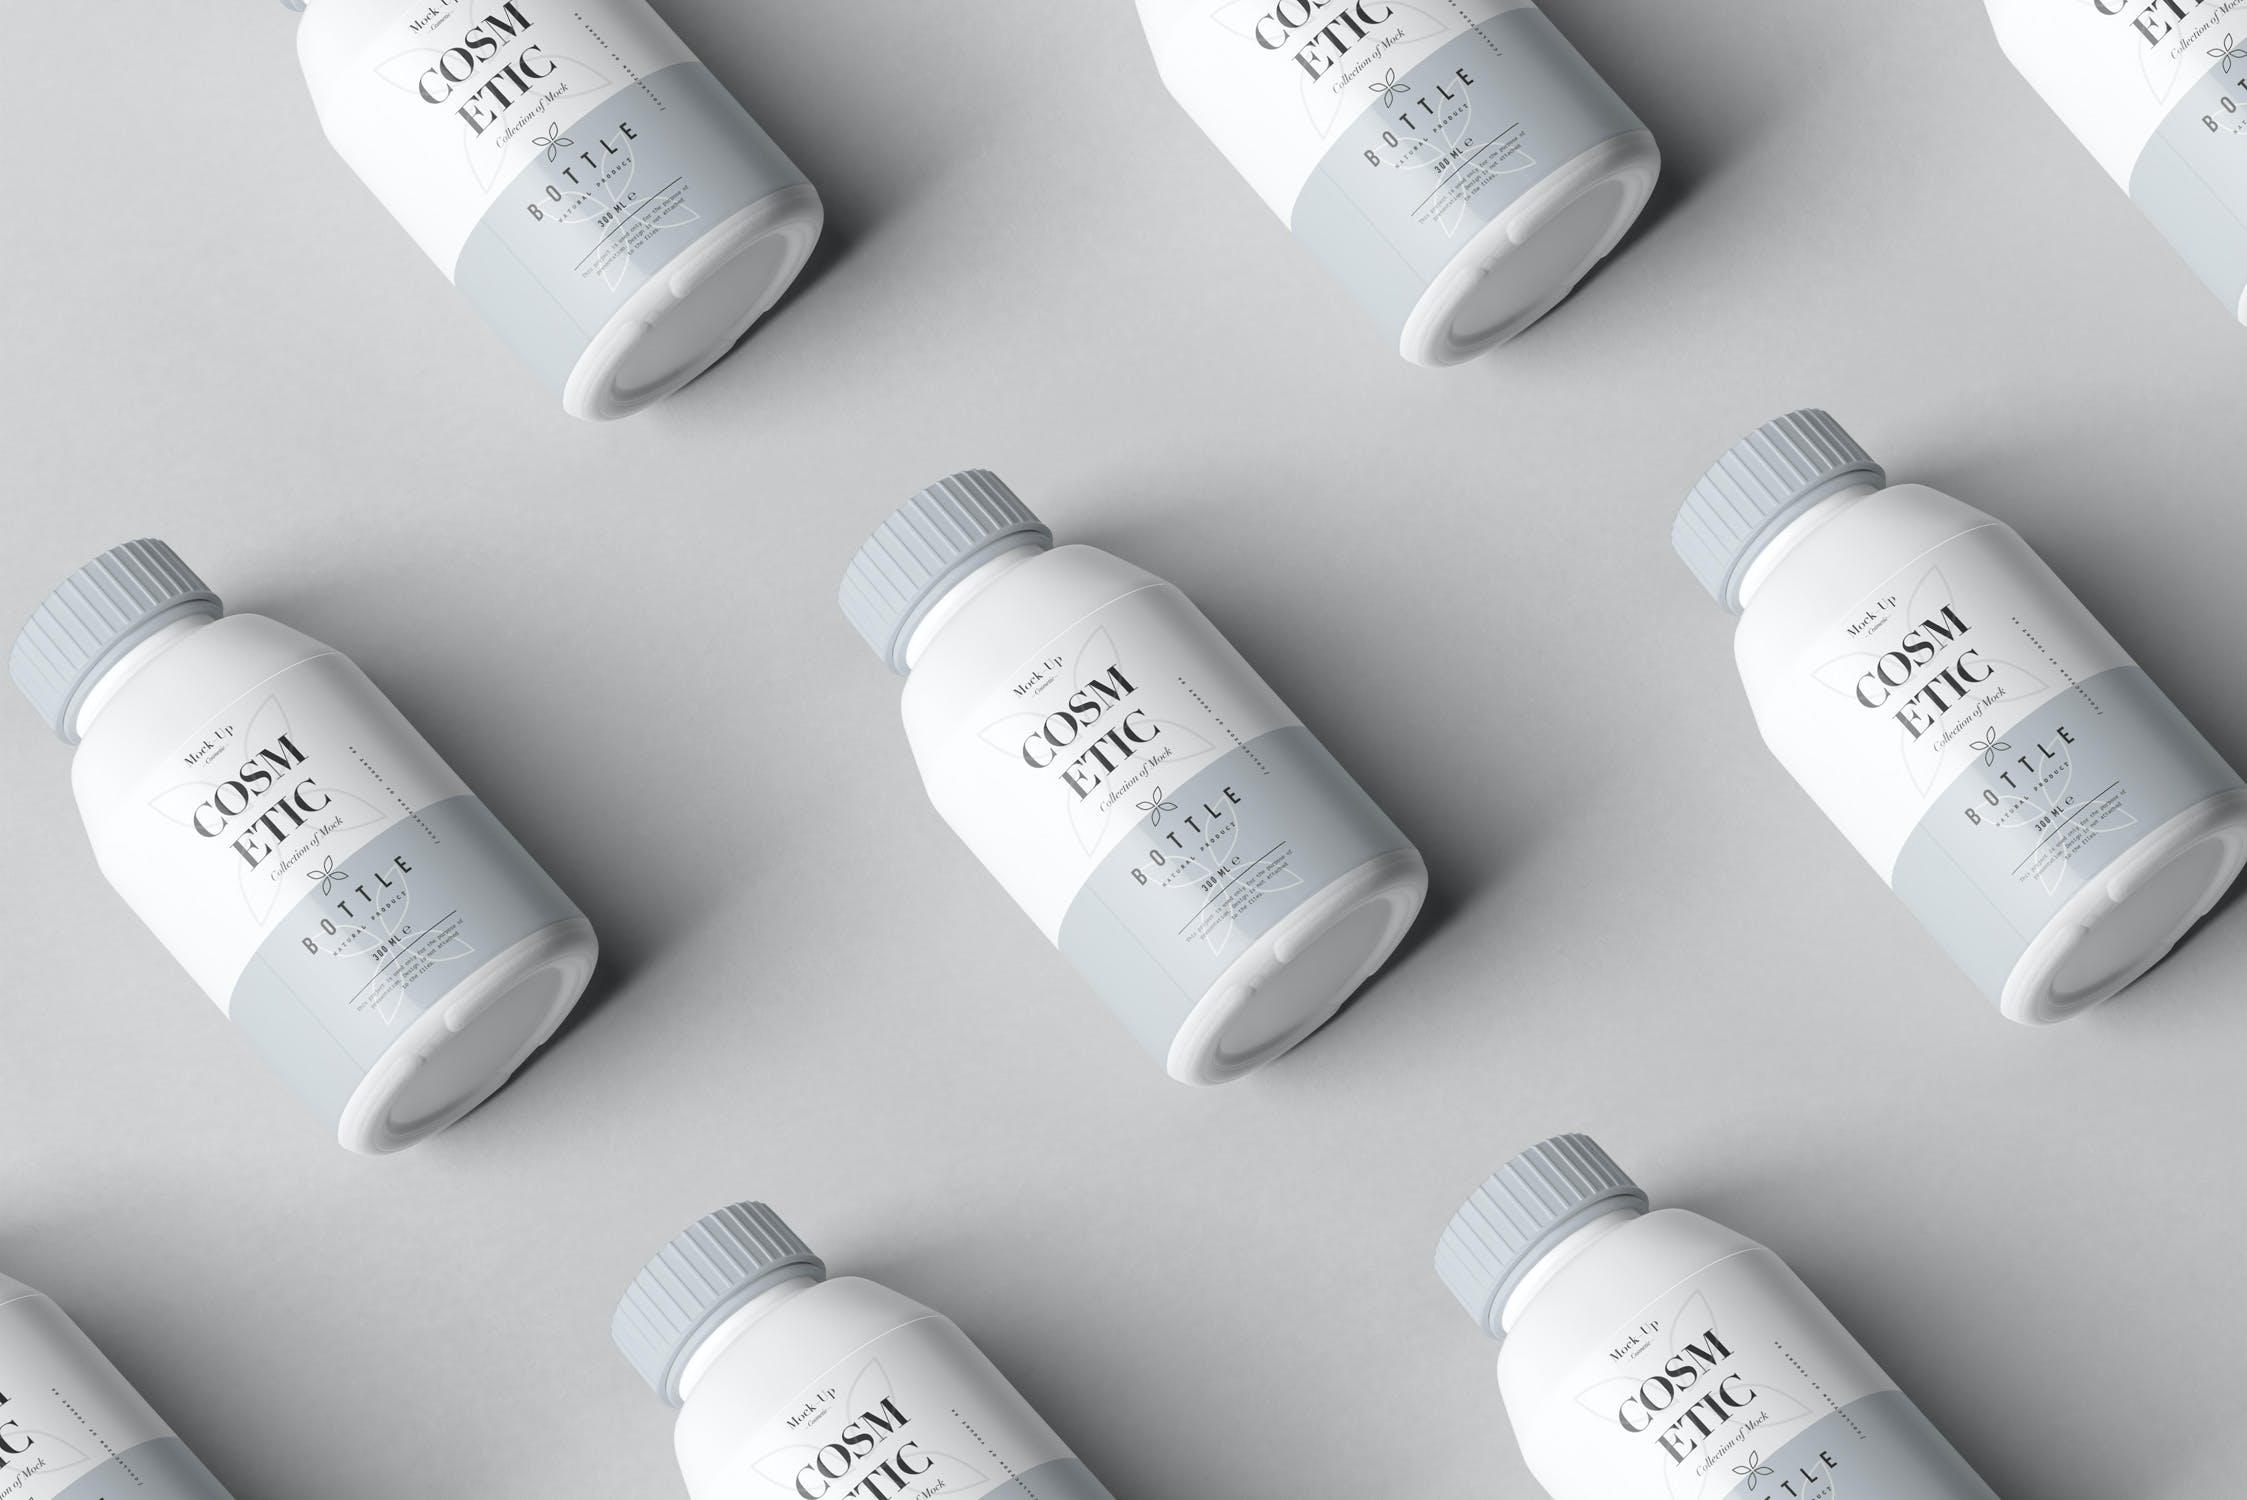 10款化妆品塑料包装罐设计展示样机PSD模板 Cosmetic Bottle Mockup 3插图(7)